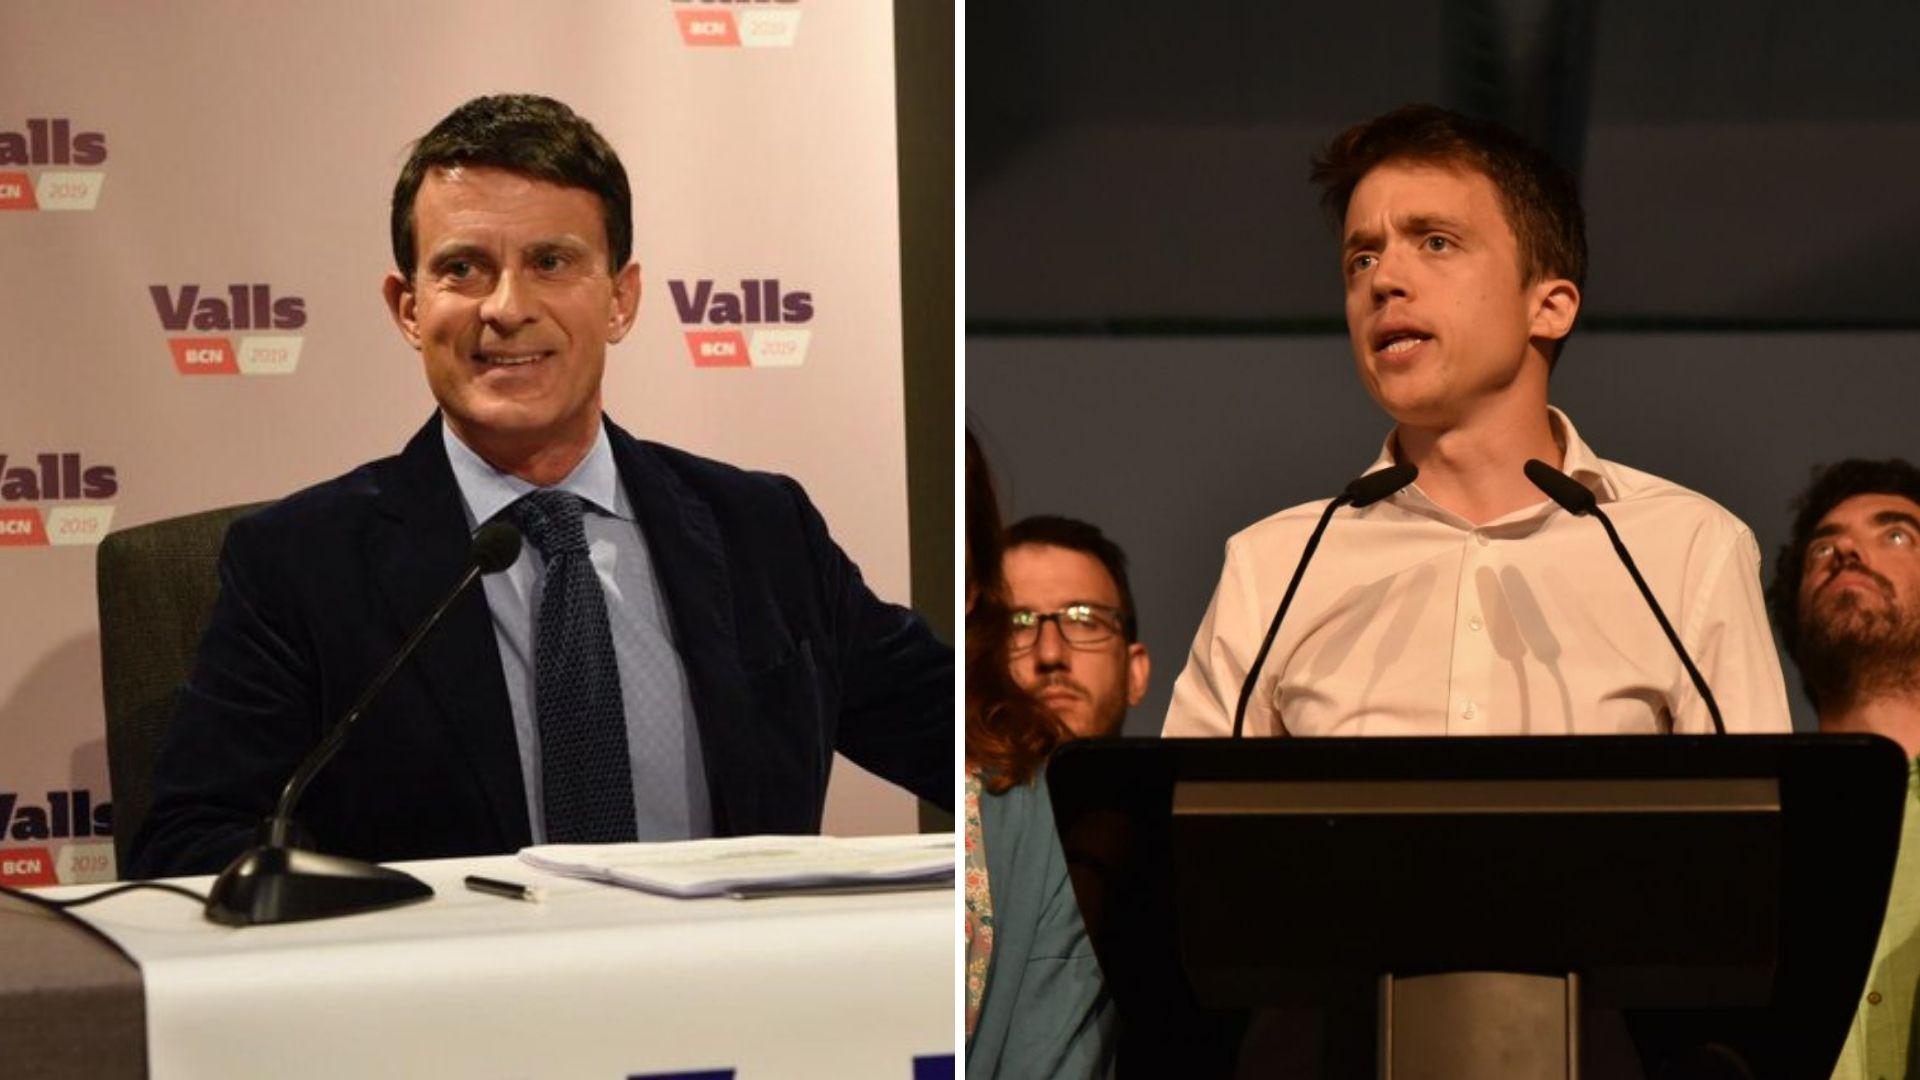 Valls y Errejón tiran de pragmatismo para hablar de pactos / Foto: Twitter de Valls y Más Madrid